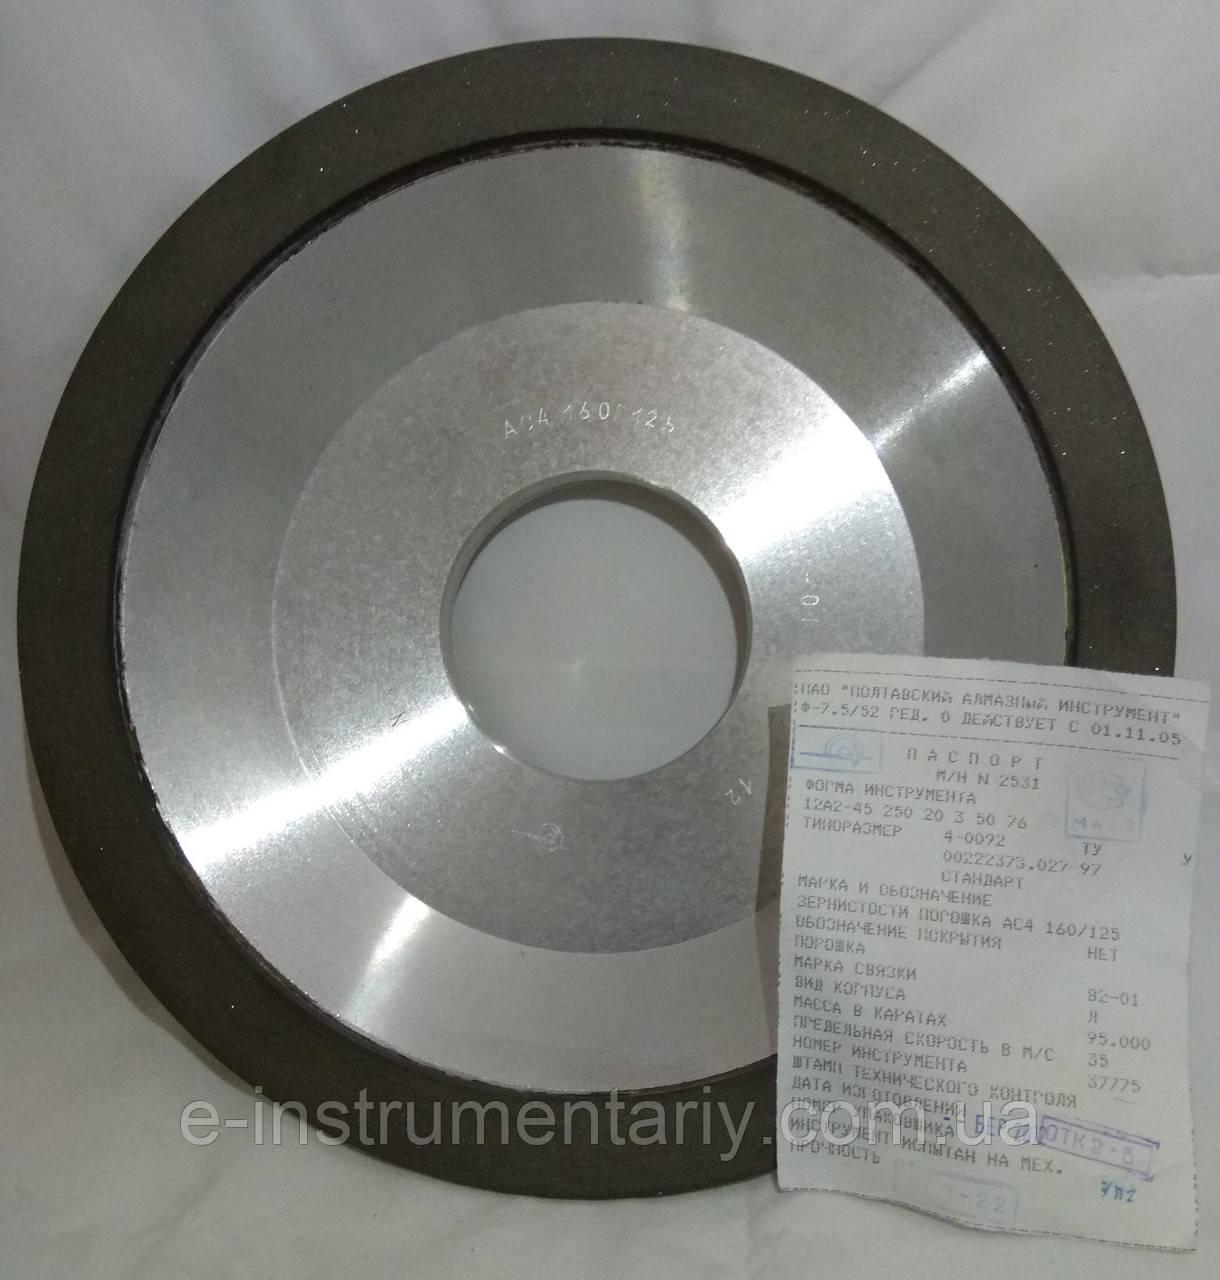 Алмазна чашка 250х20х3х50х76 (12А2-45°) Базис АС4 Зв'язка В2-01